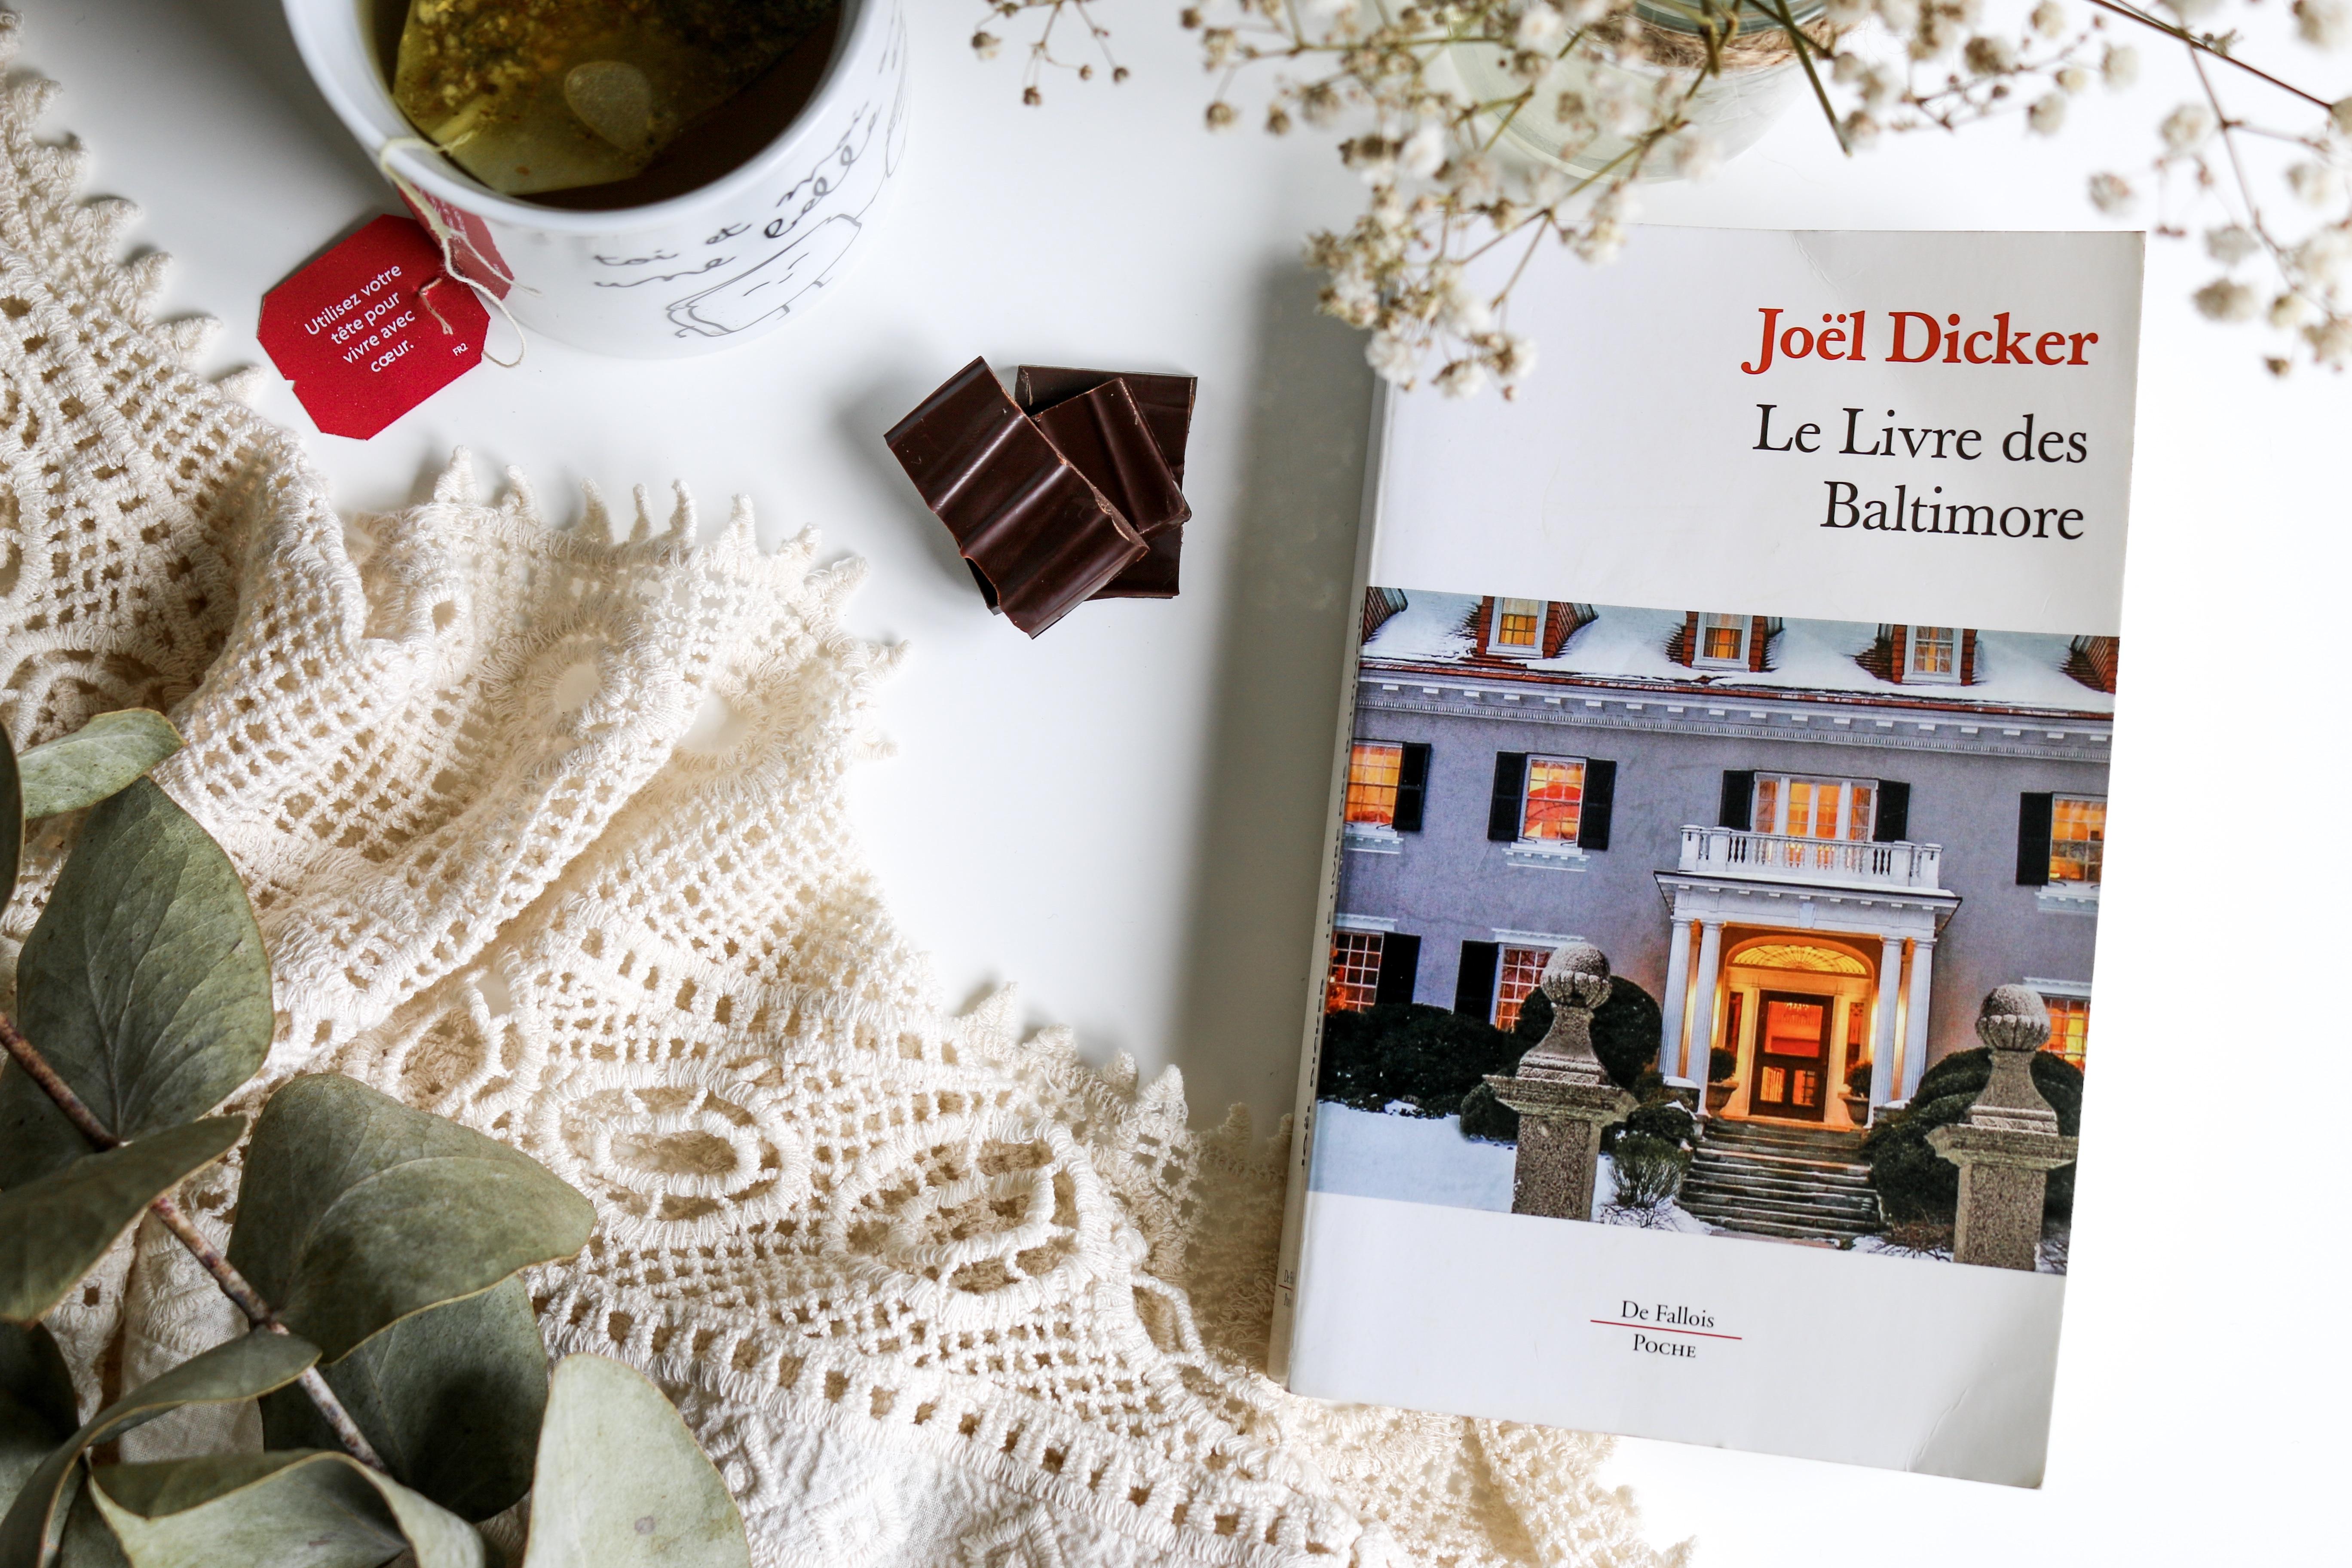 le livre des baltimore joel dicker lecture le petit monde d'elodie